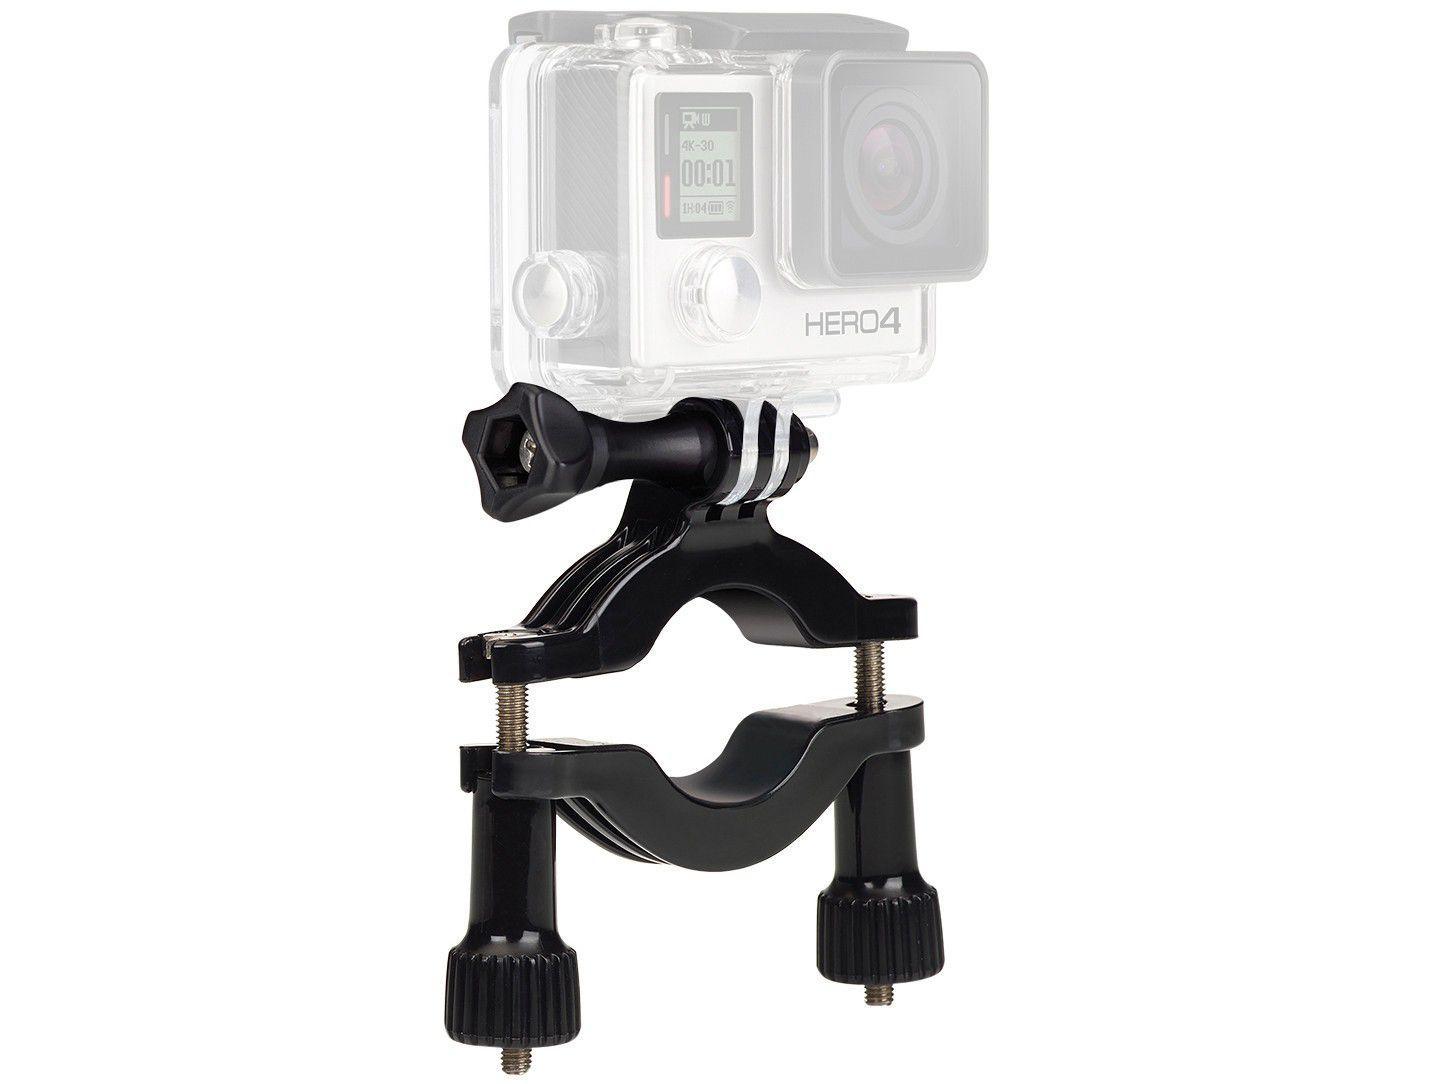 Suporte Articulado para Câmeras GoPro Hero - AOGP0009